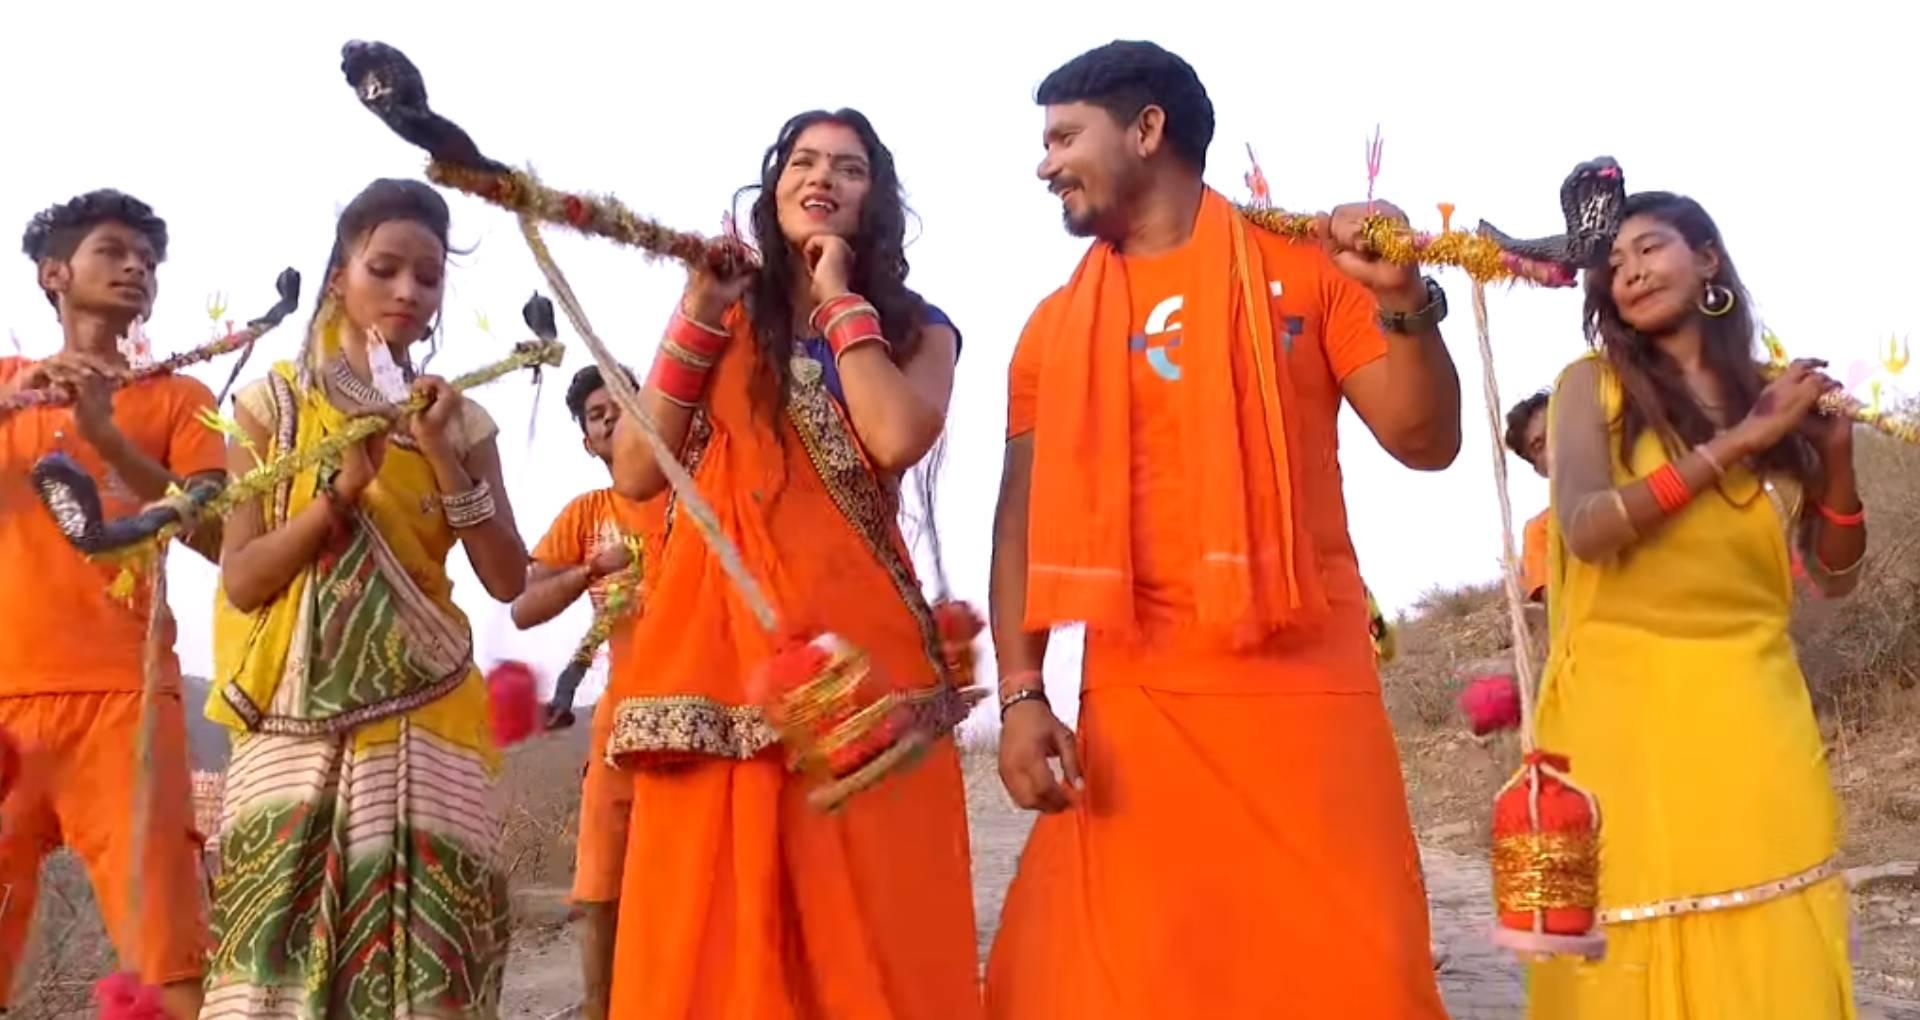 Bola Bol Bum Song: प्रवेश लाल यादव ने पत्नी को ऐसे बता रहे हैं भगवान शिव की महिमा, देखिए नया बोल बम सॉन्ग